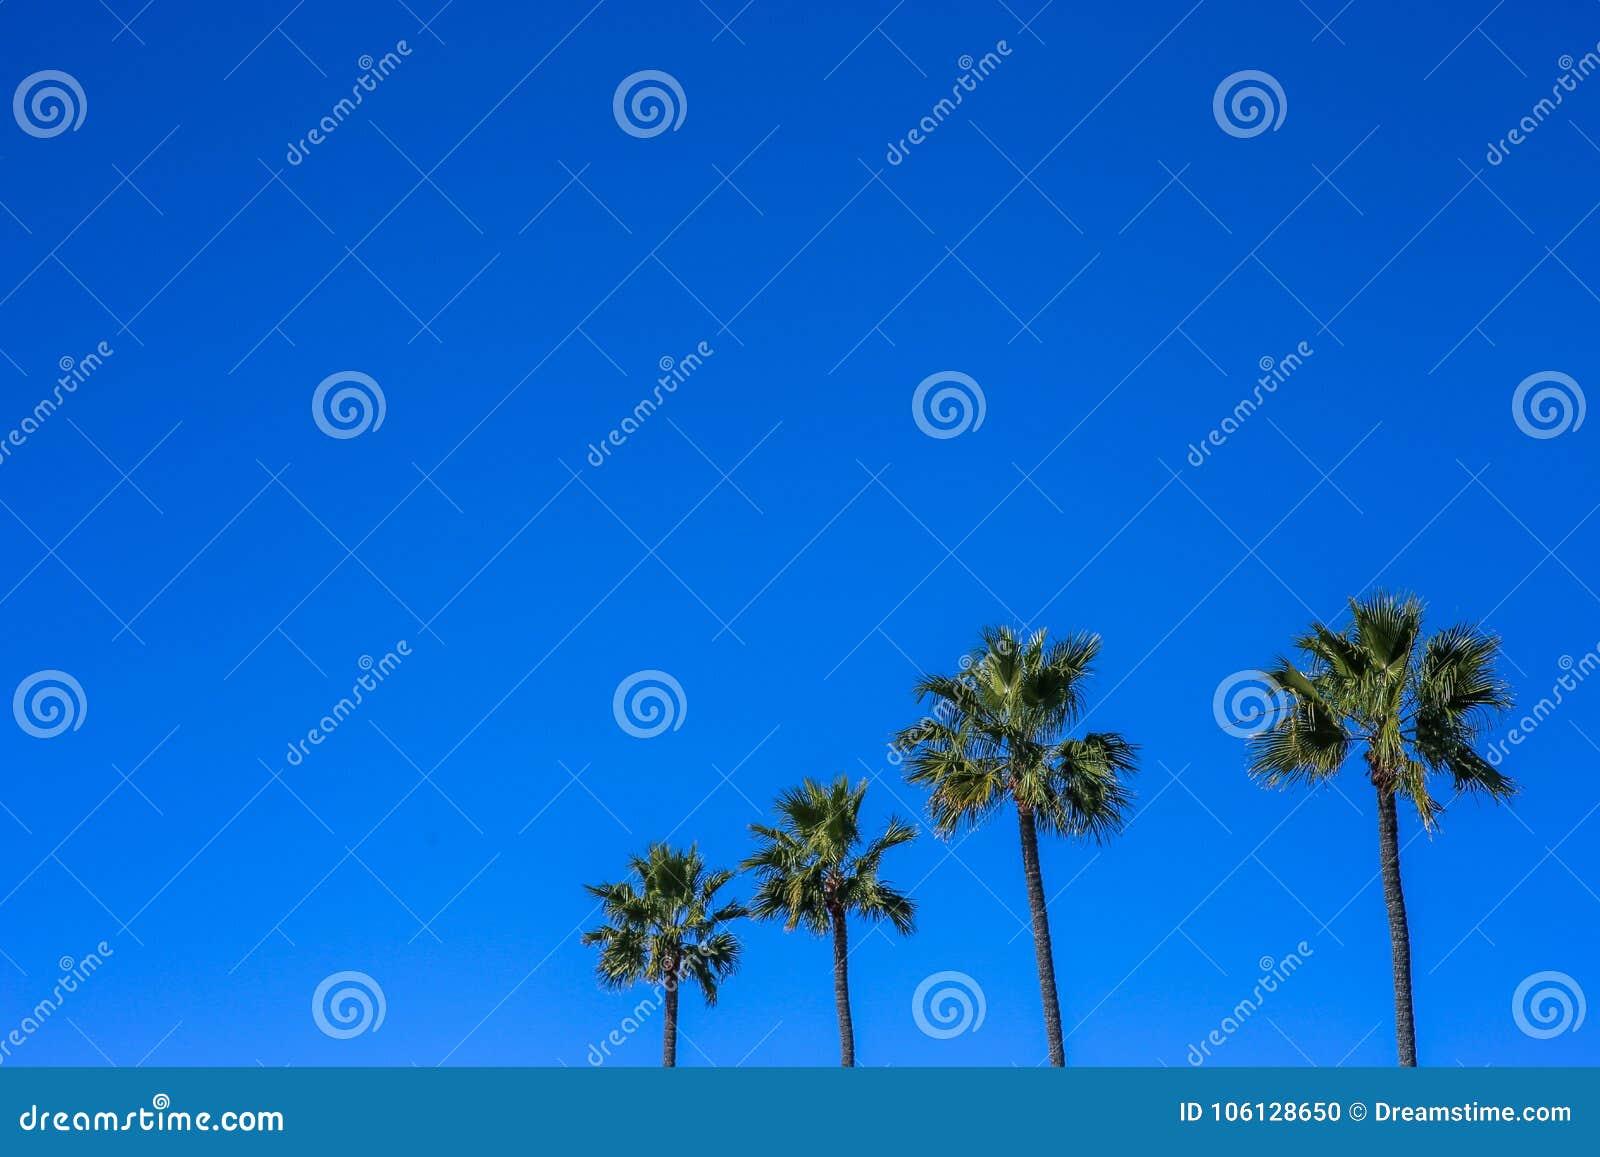 Εικόνα Minimalistic τεσσάρων φοινίκων, μπλε ζωηρός ουρανός